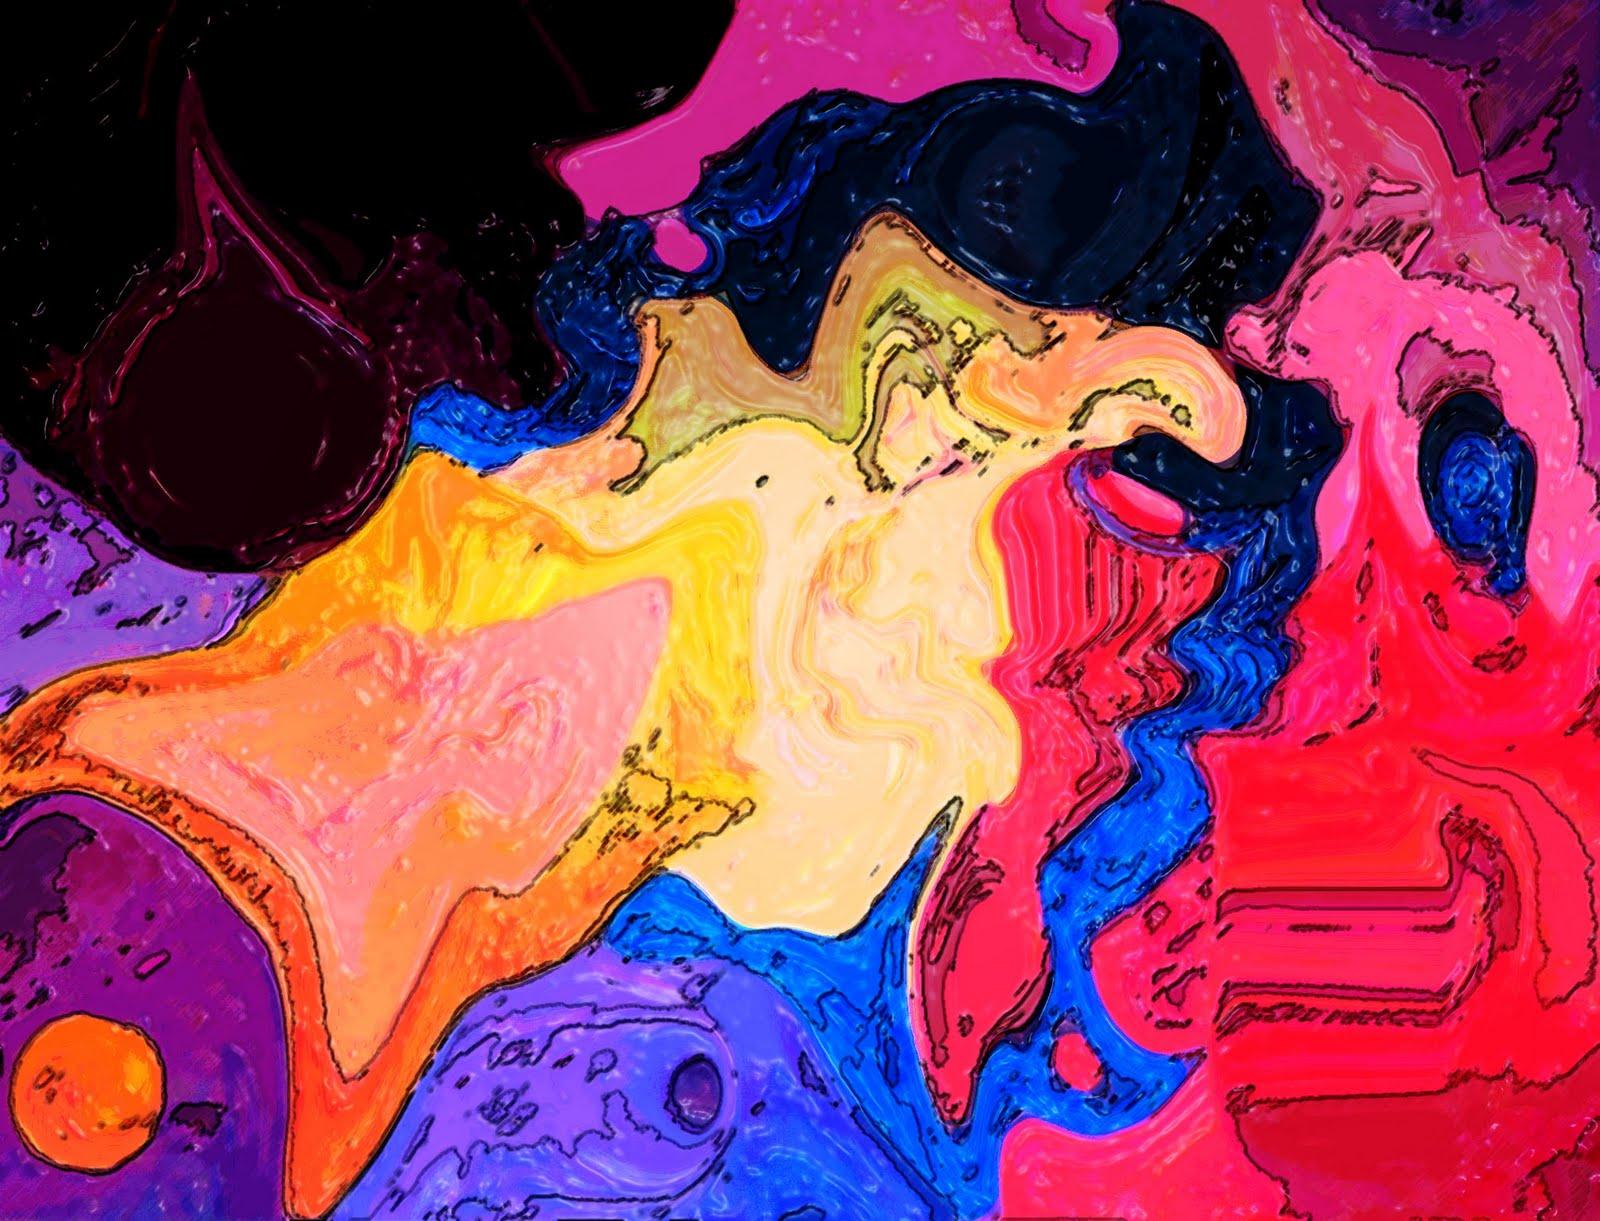 Arte digital a partir de cuadros